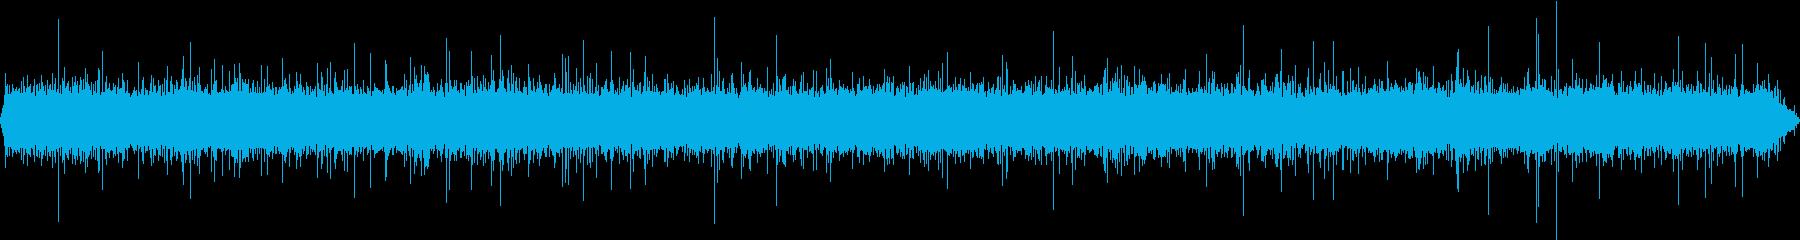 せせらぎの音です。の再生済みの波形